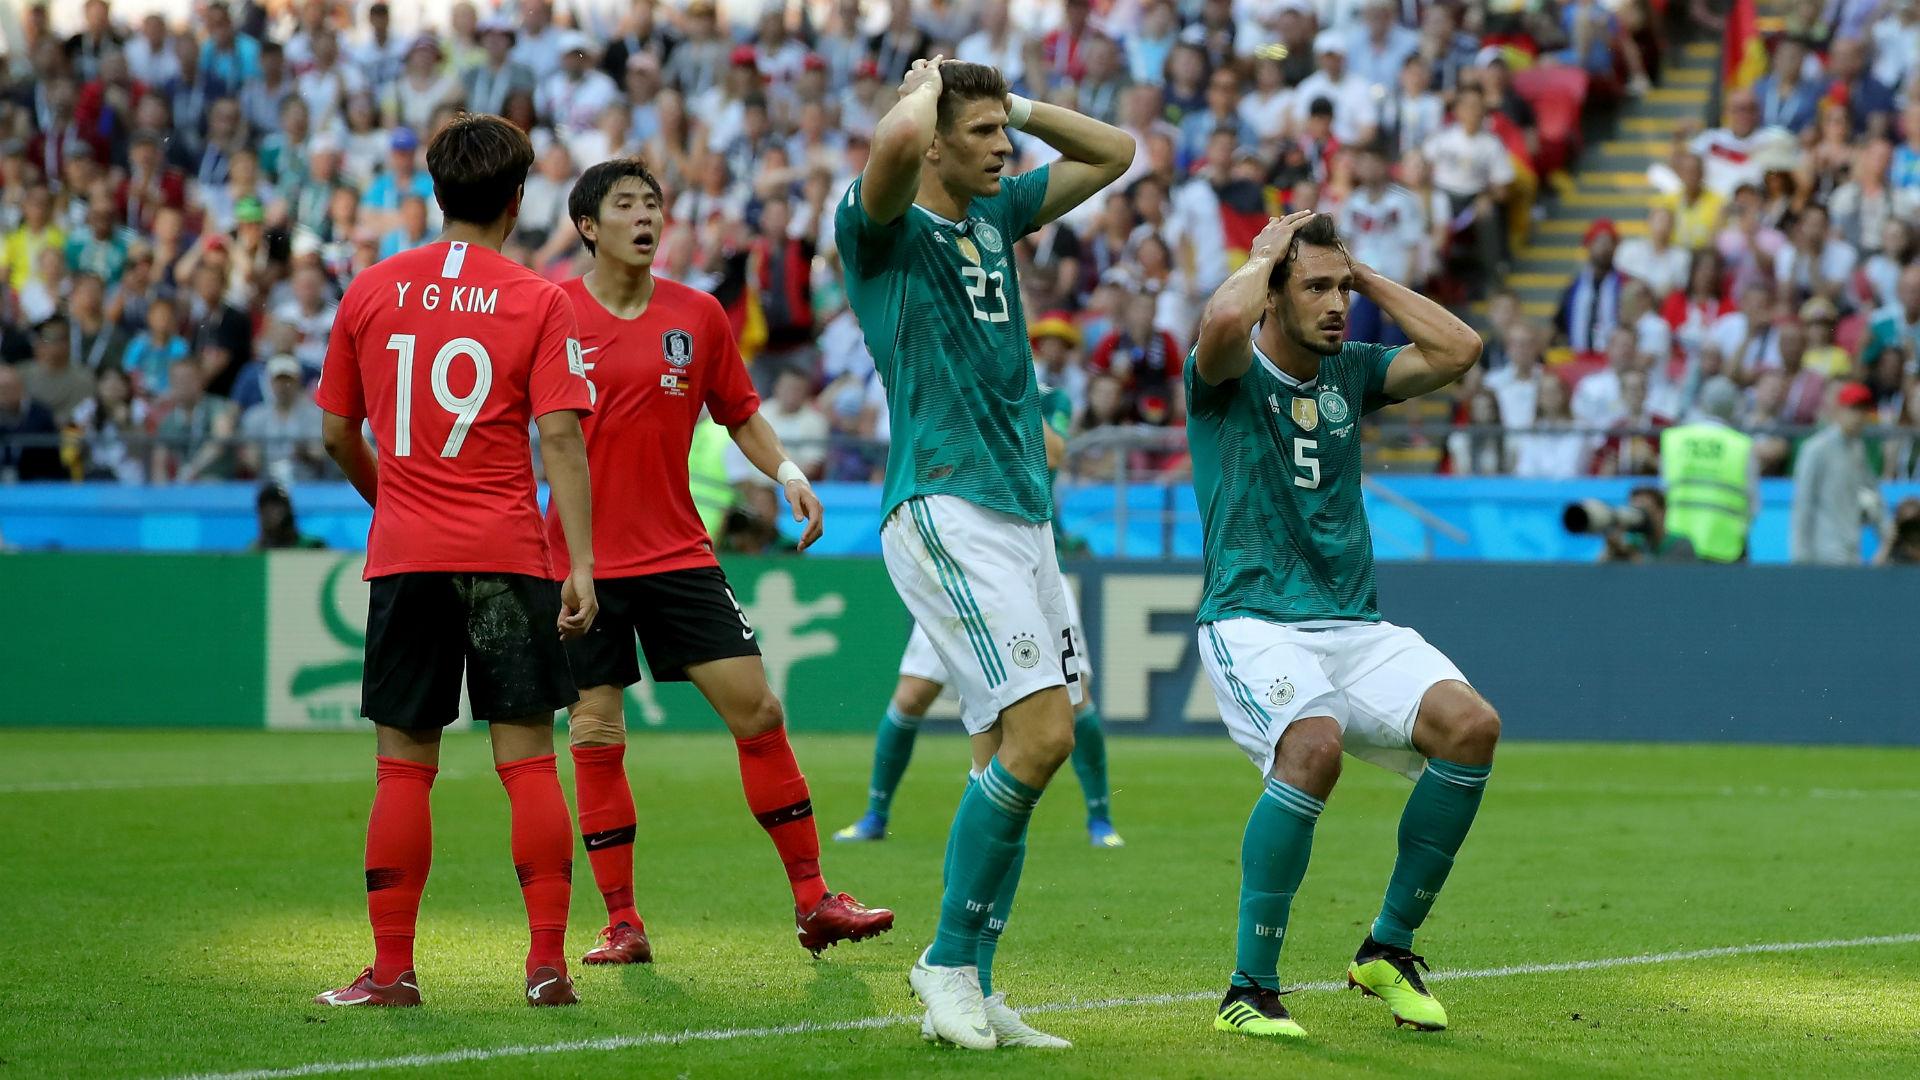 Победа Южнокорейской сборной против Германии со счётом 2-0, в групповом этапе ЧМ 2018